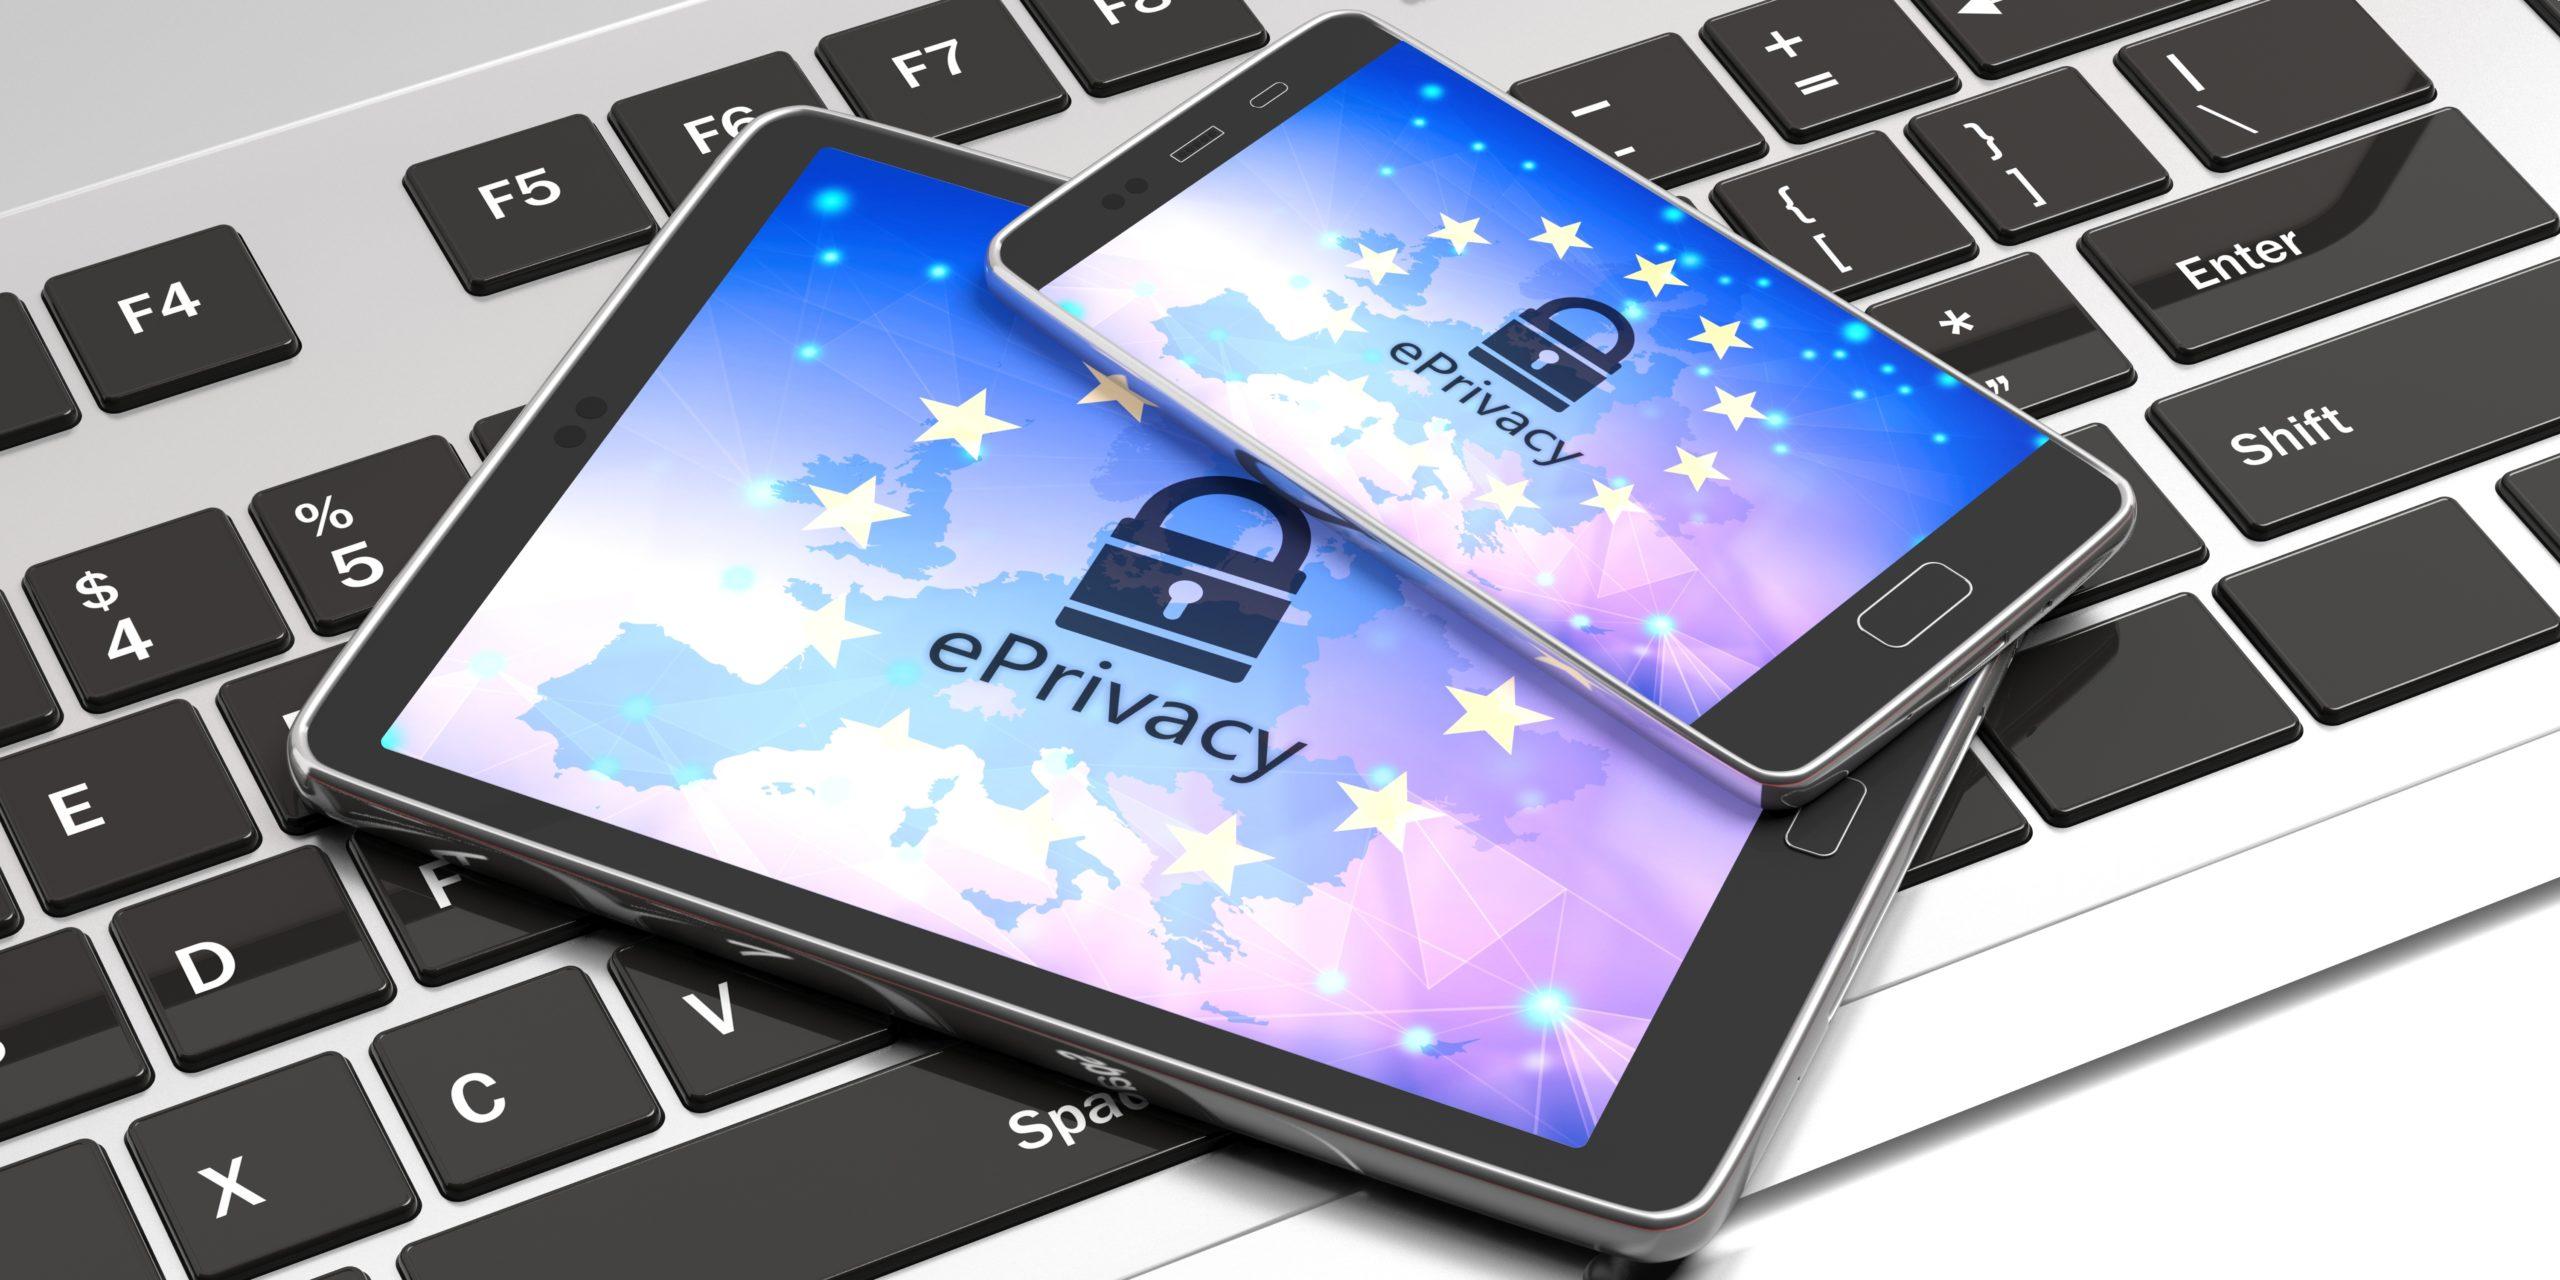 Projet de règlement e-privacy : analyse de la dernière proposition de la présidence allemande